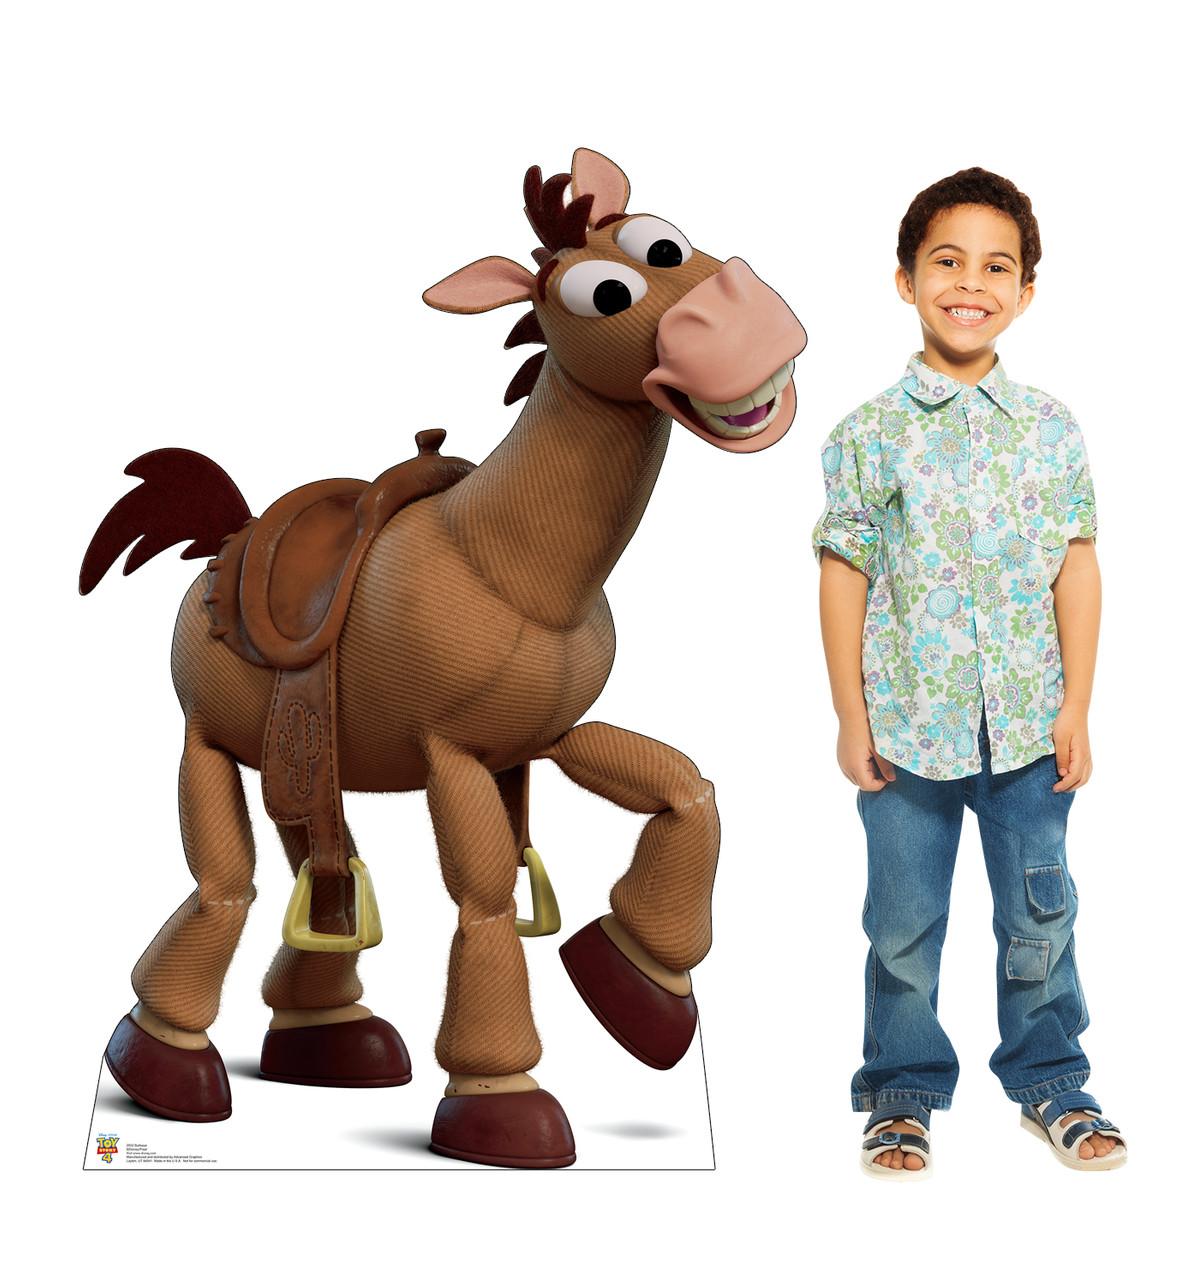 Bullseye - Toy Story 4 Cardboard Cutout Lifesize